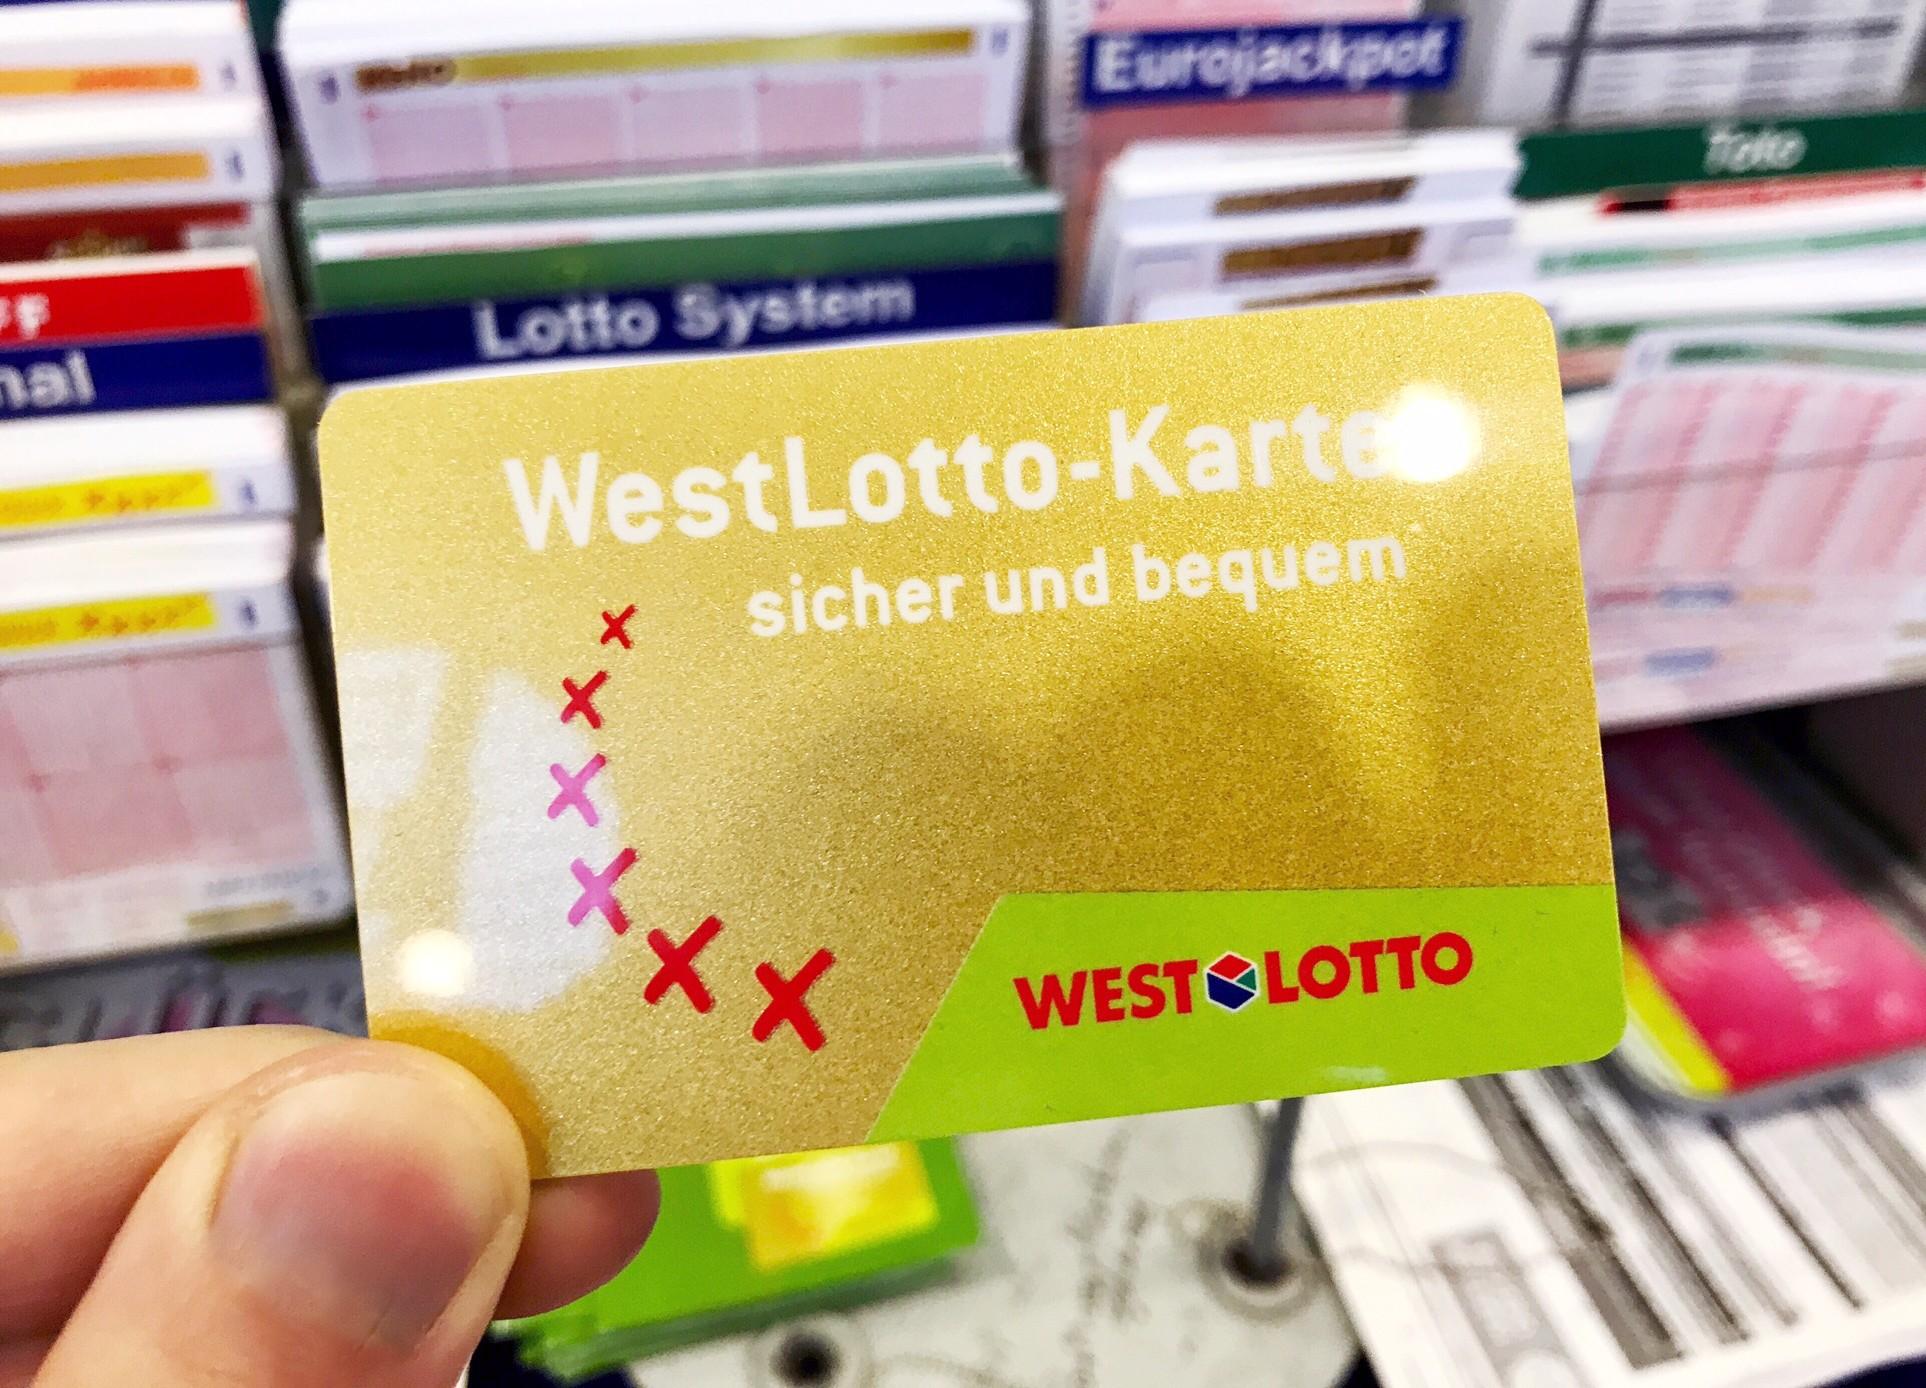 Westlotto Karte.Westlotto Karte Im Test Lottodeals Org